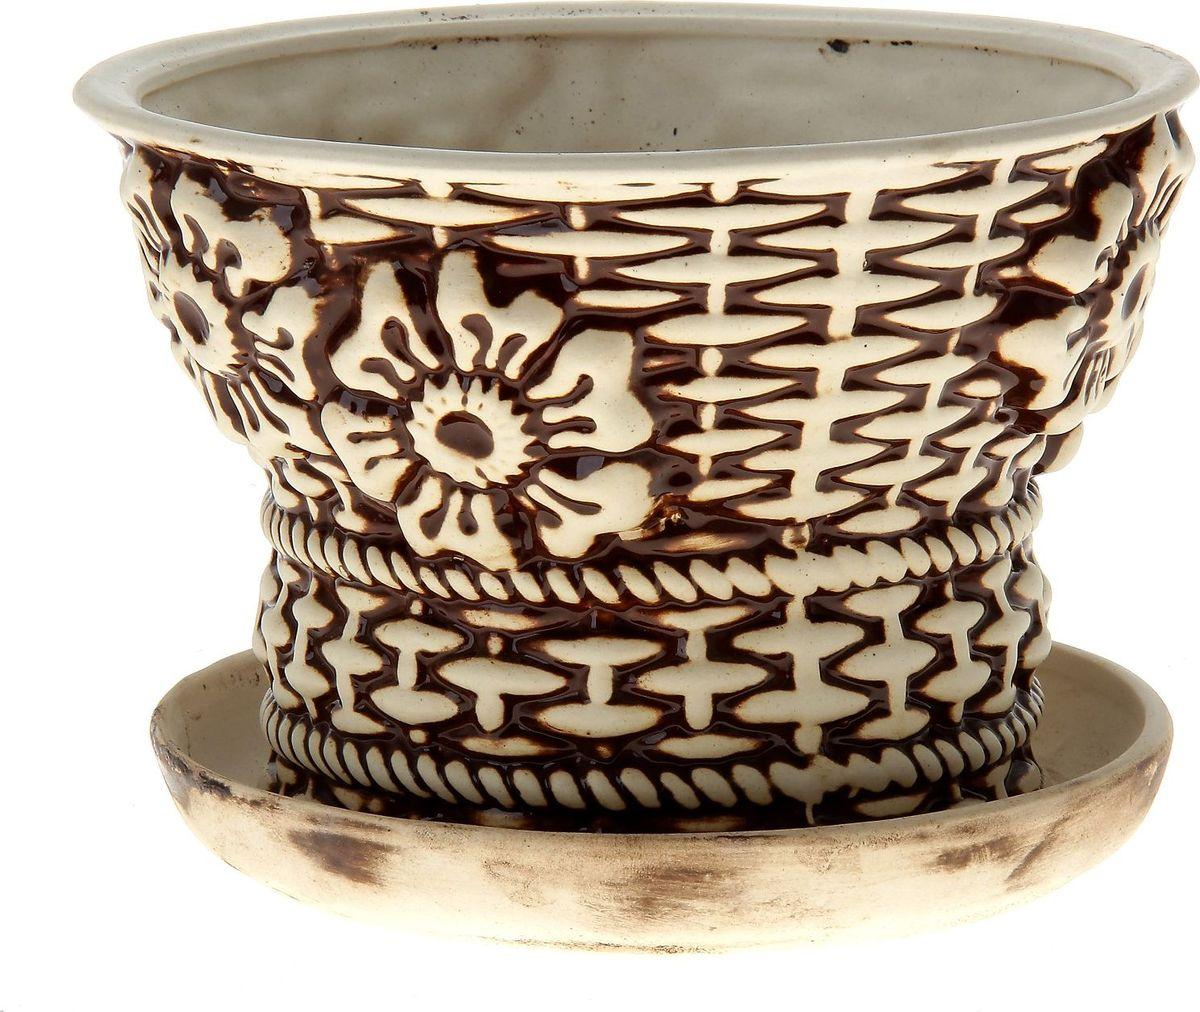 Кашпо Керамика ручной работы Корзинка, цвет: шамот, 3 л144209Комнатные растения — всеобщие любимцы. Они радуют глаз, насыщают помещение кислородом и украшают пространство. Каждому из них необходим свой удобный и красивый дом. Кашпо из керамики прекрасно подходят для высадки растений: за счет пластичности глины и разных способов обработки существует великое множество форм и дизайнов пористый материал позволяет испаряться лишней влаге воздух, необходимый для дыхания корней, проникает сквозь керамические стенки! позаботится о зеленом питомце, освежит интерьер и подчеркнет его стиль.